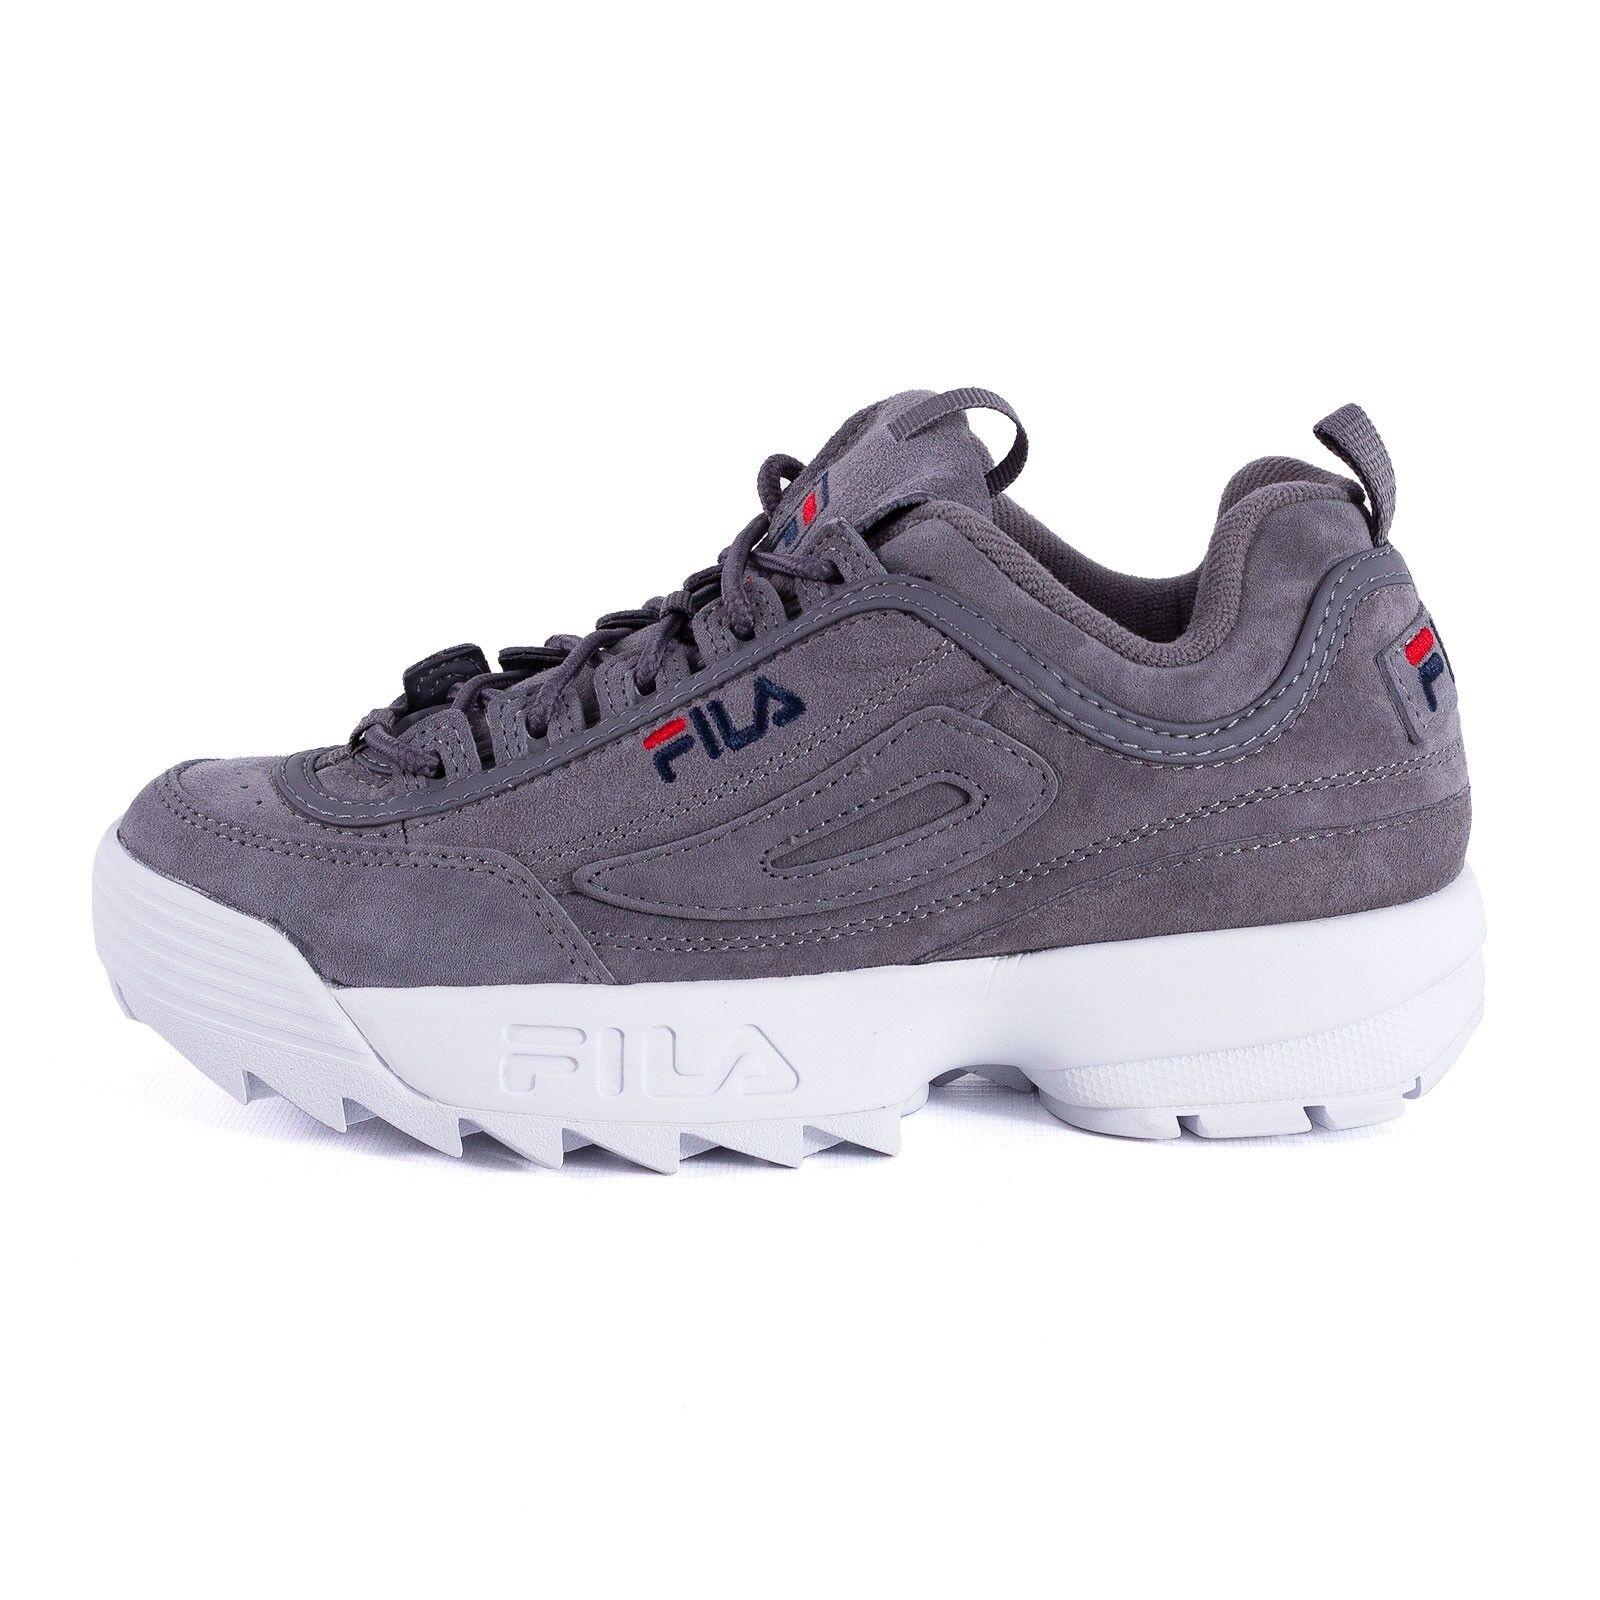 Rasse Damen Nike Schuhe # J87i57 | Beige Nike Air Max 1 Trainers